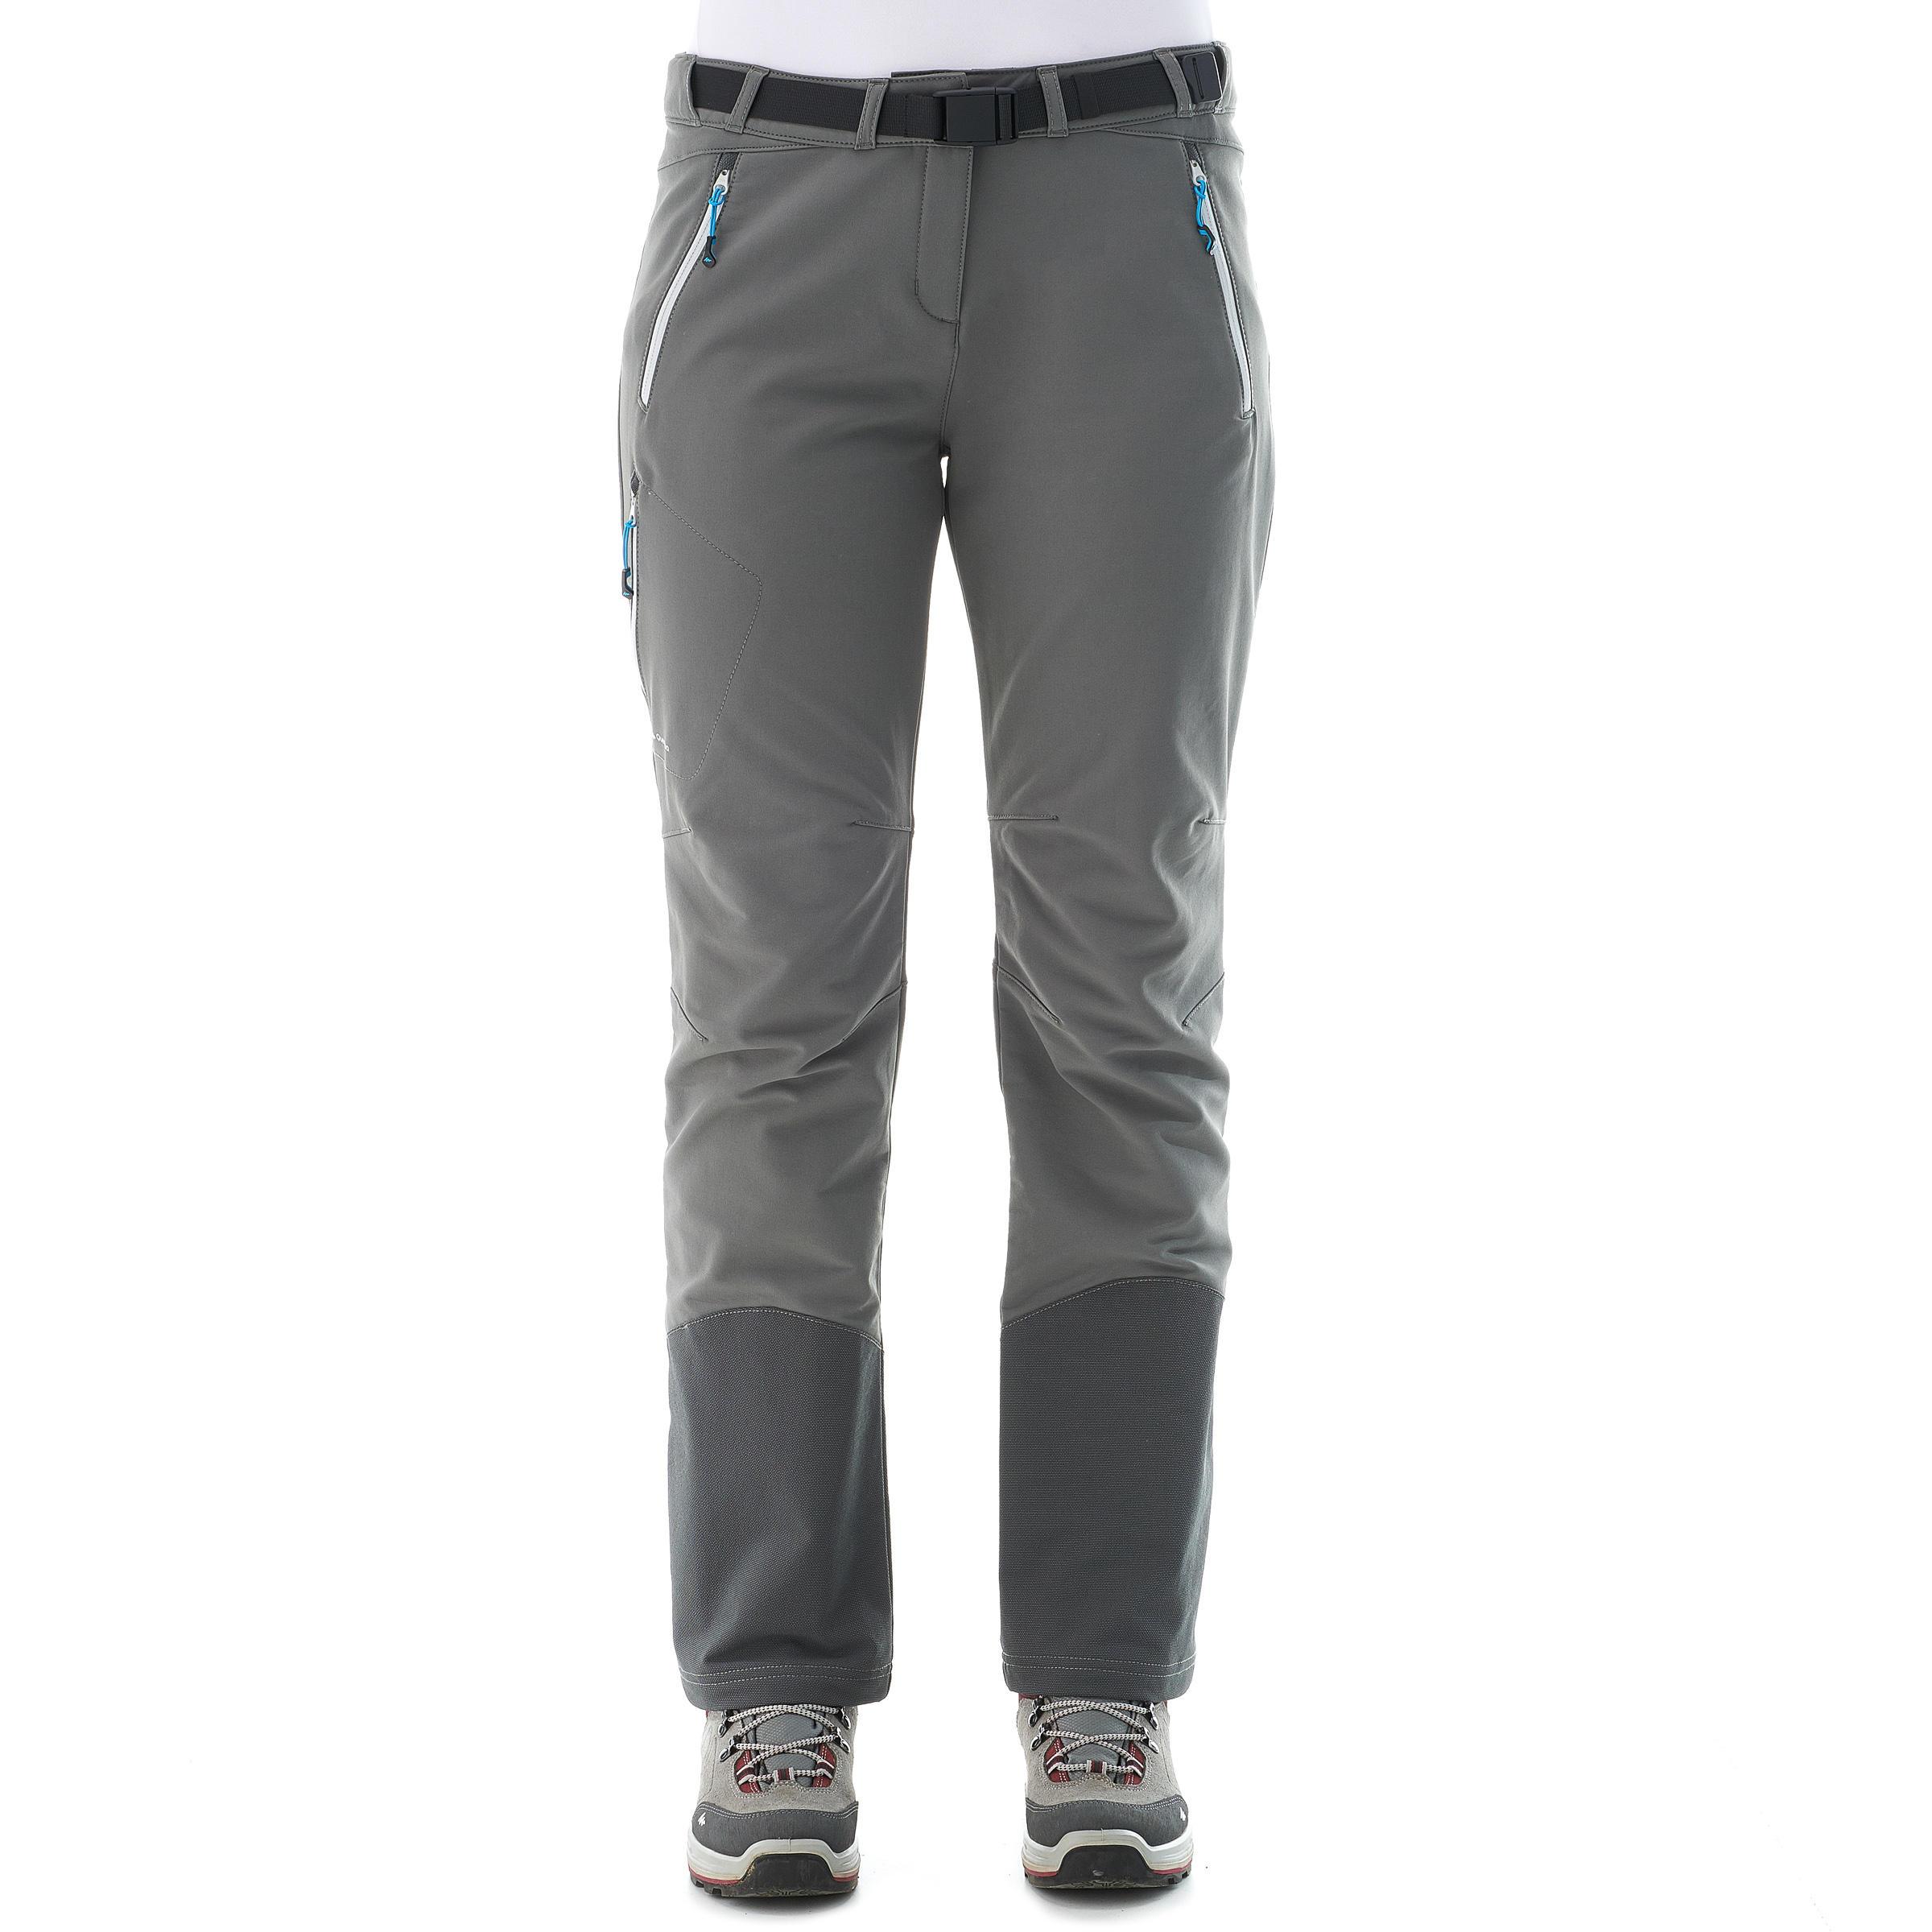 Pantalon De Sh900 Femme Gris Randonnée Chaud Neige Foncé Onw08kPX